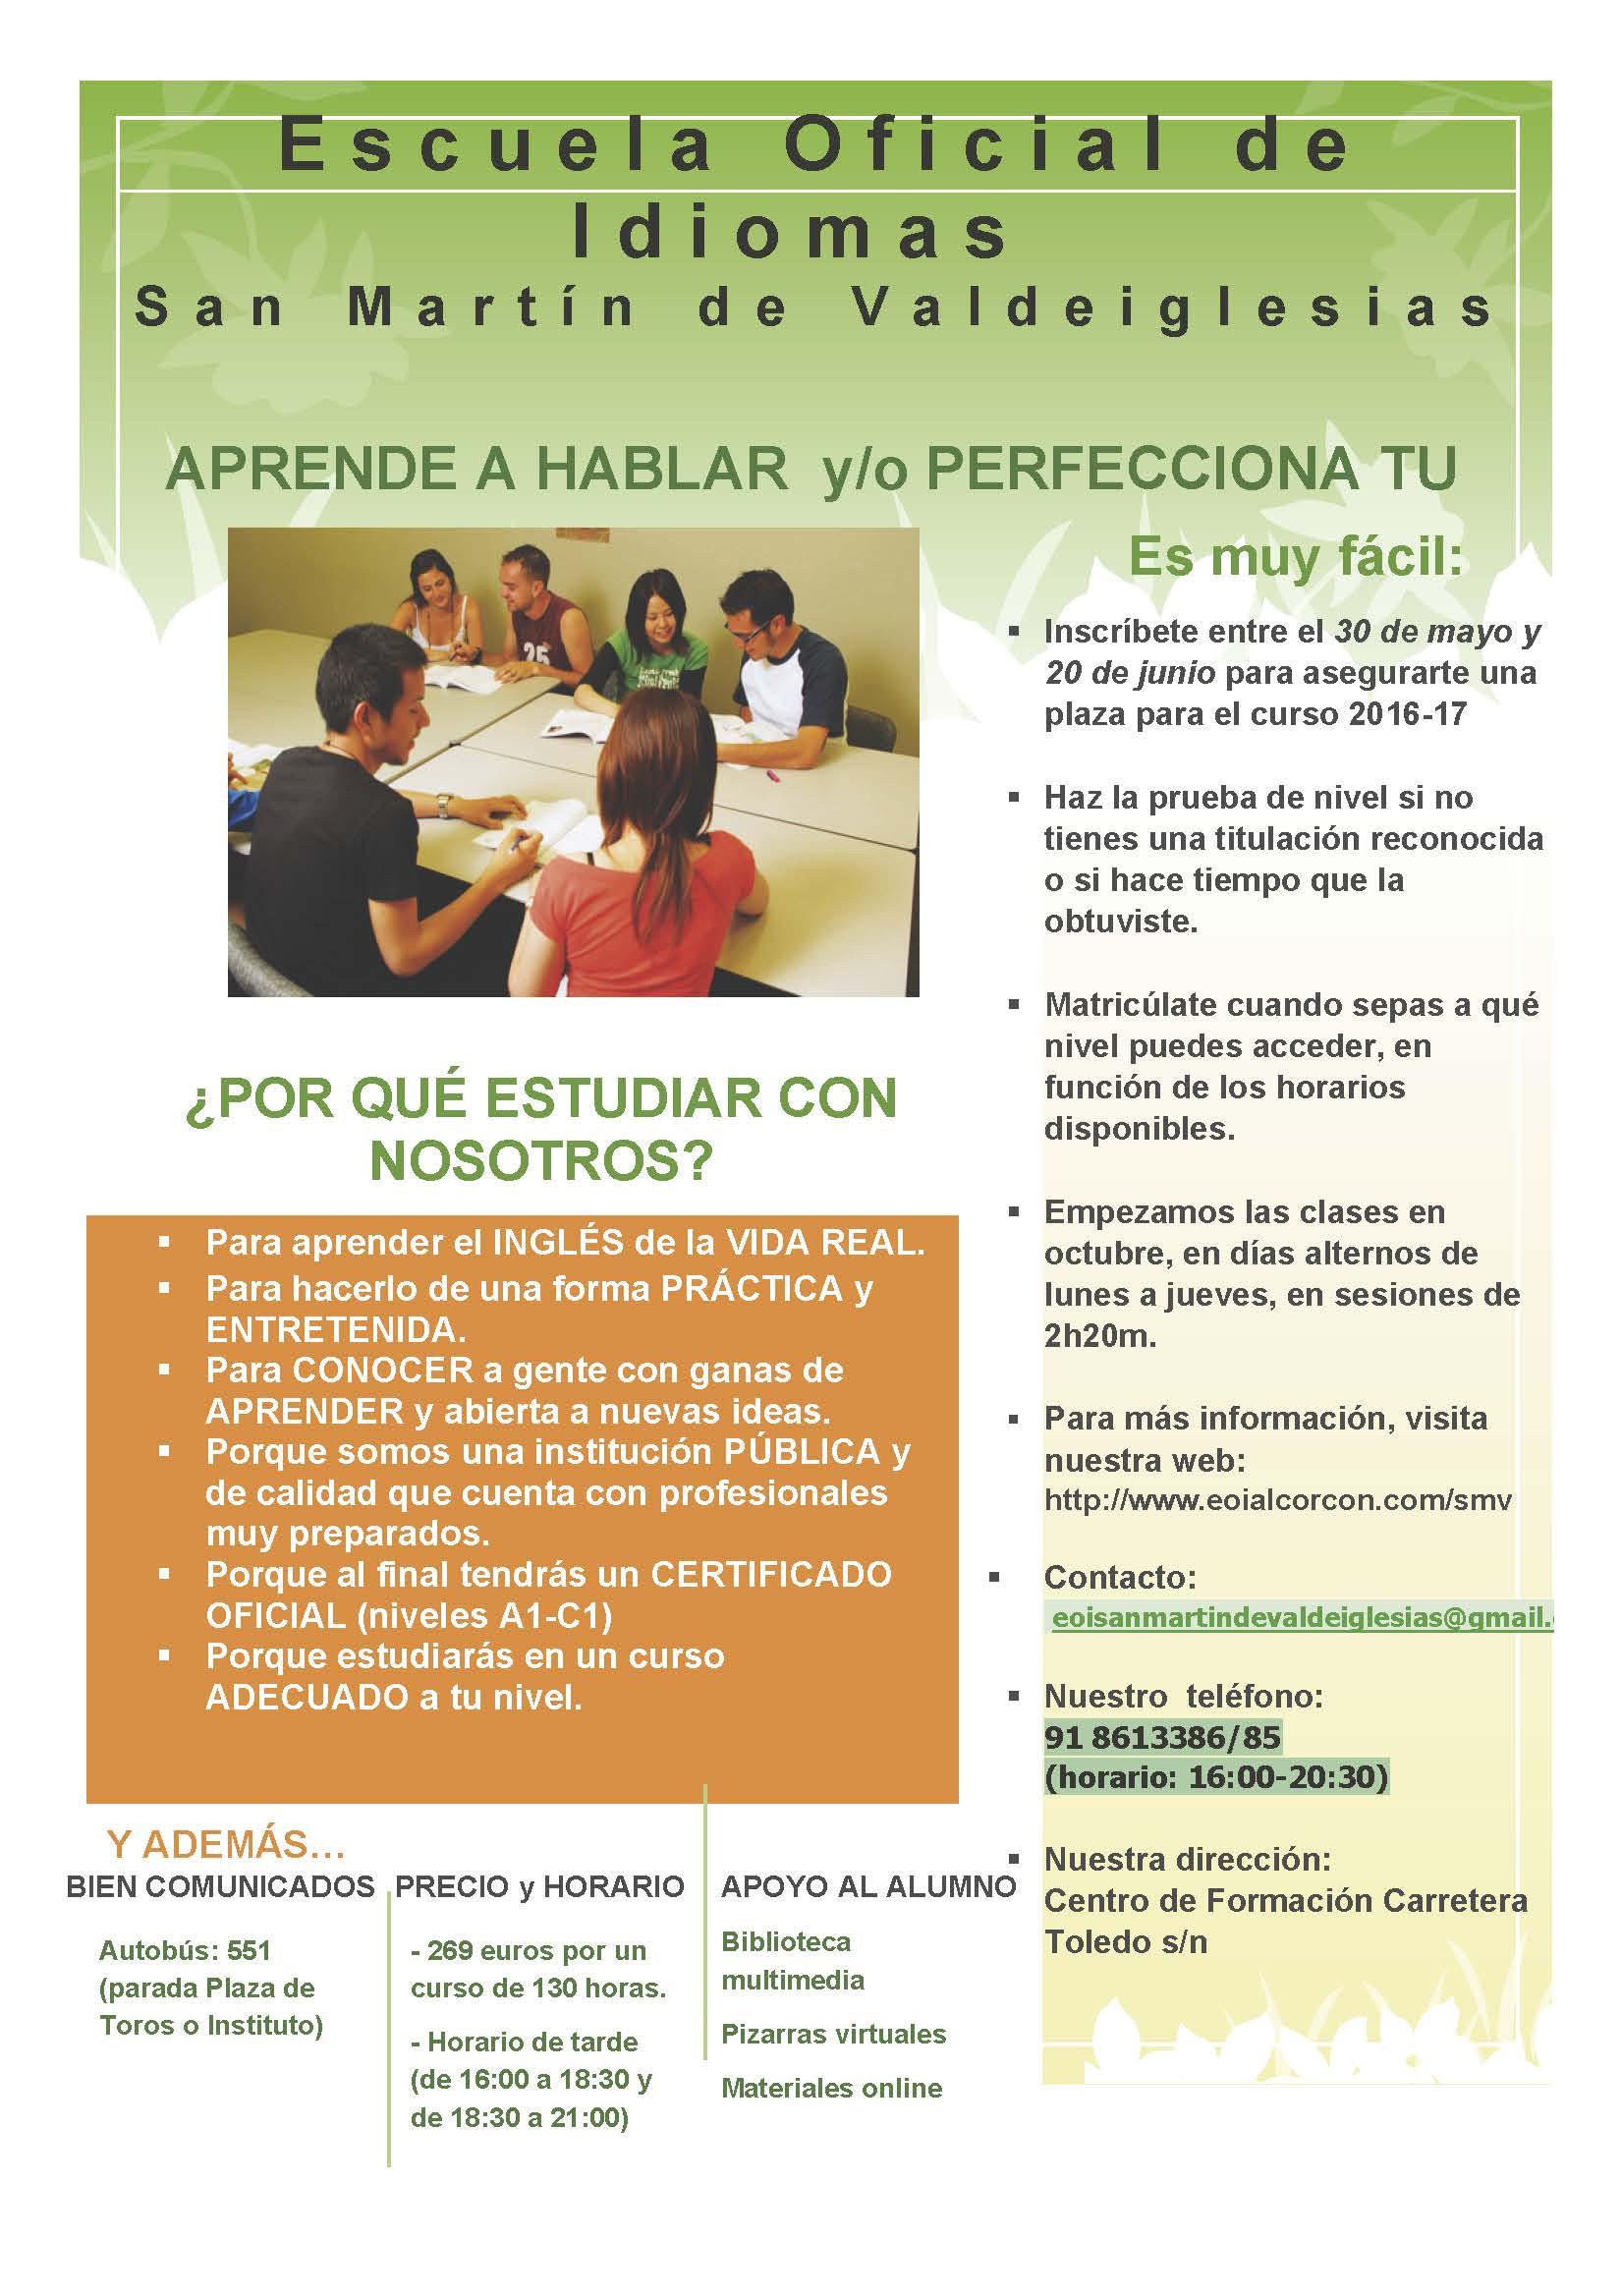 Folleto Informativo Preinscripcion EOI San Martín de Valdeiglesias